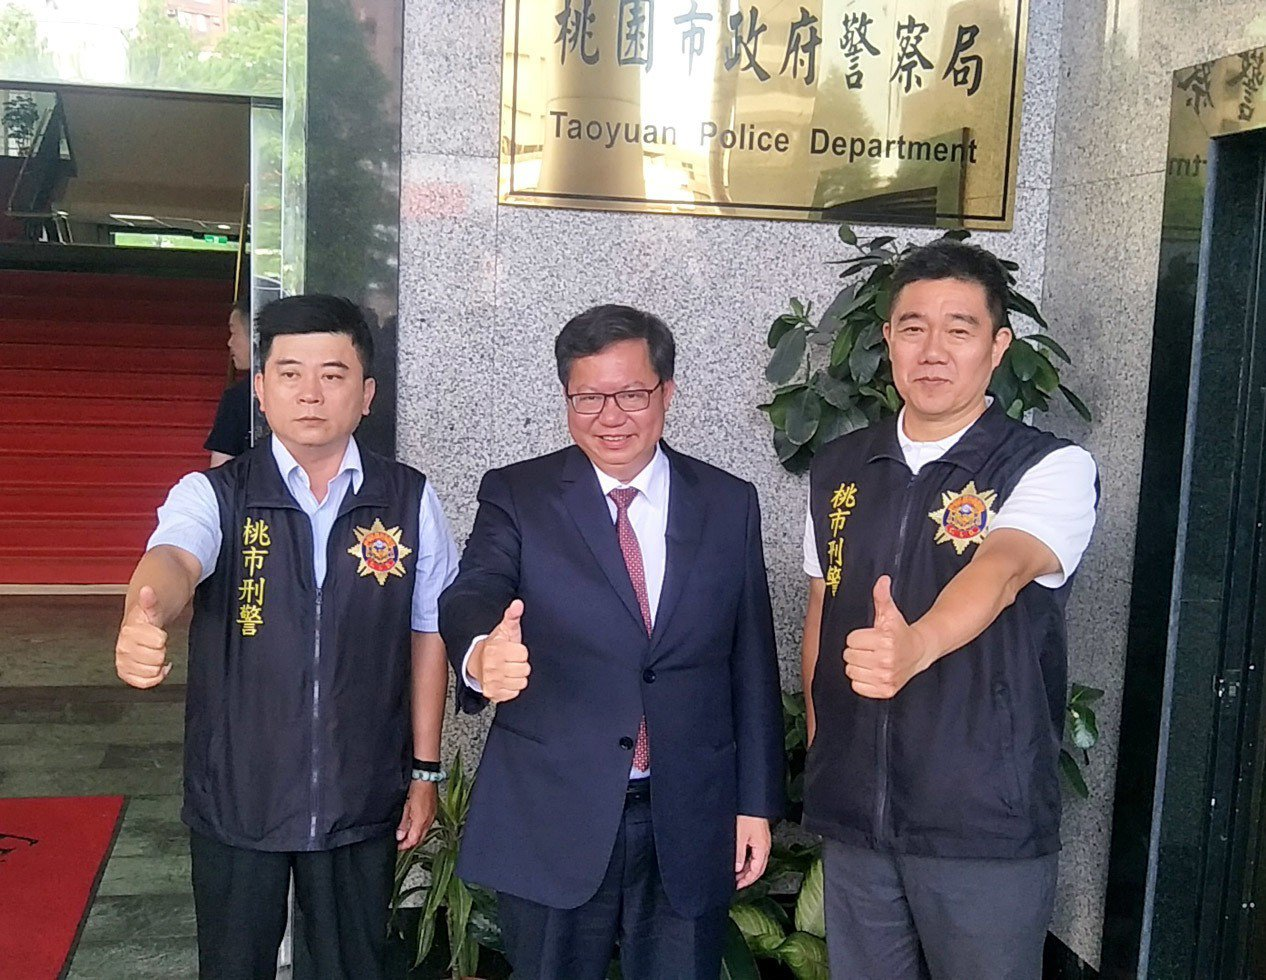 桃園市長鄭文燦(中)肯定市警局小隊長王強生(右)、洪俊德(左)兩人英勇表現,恭喜...